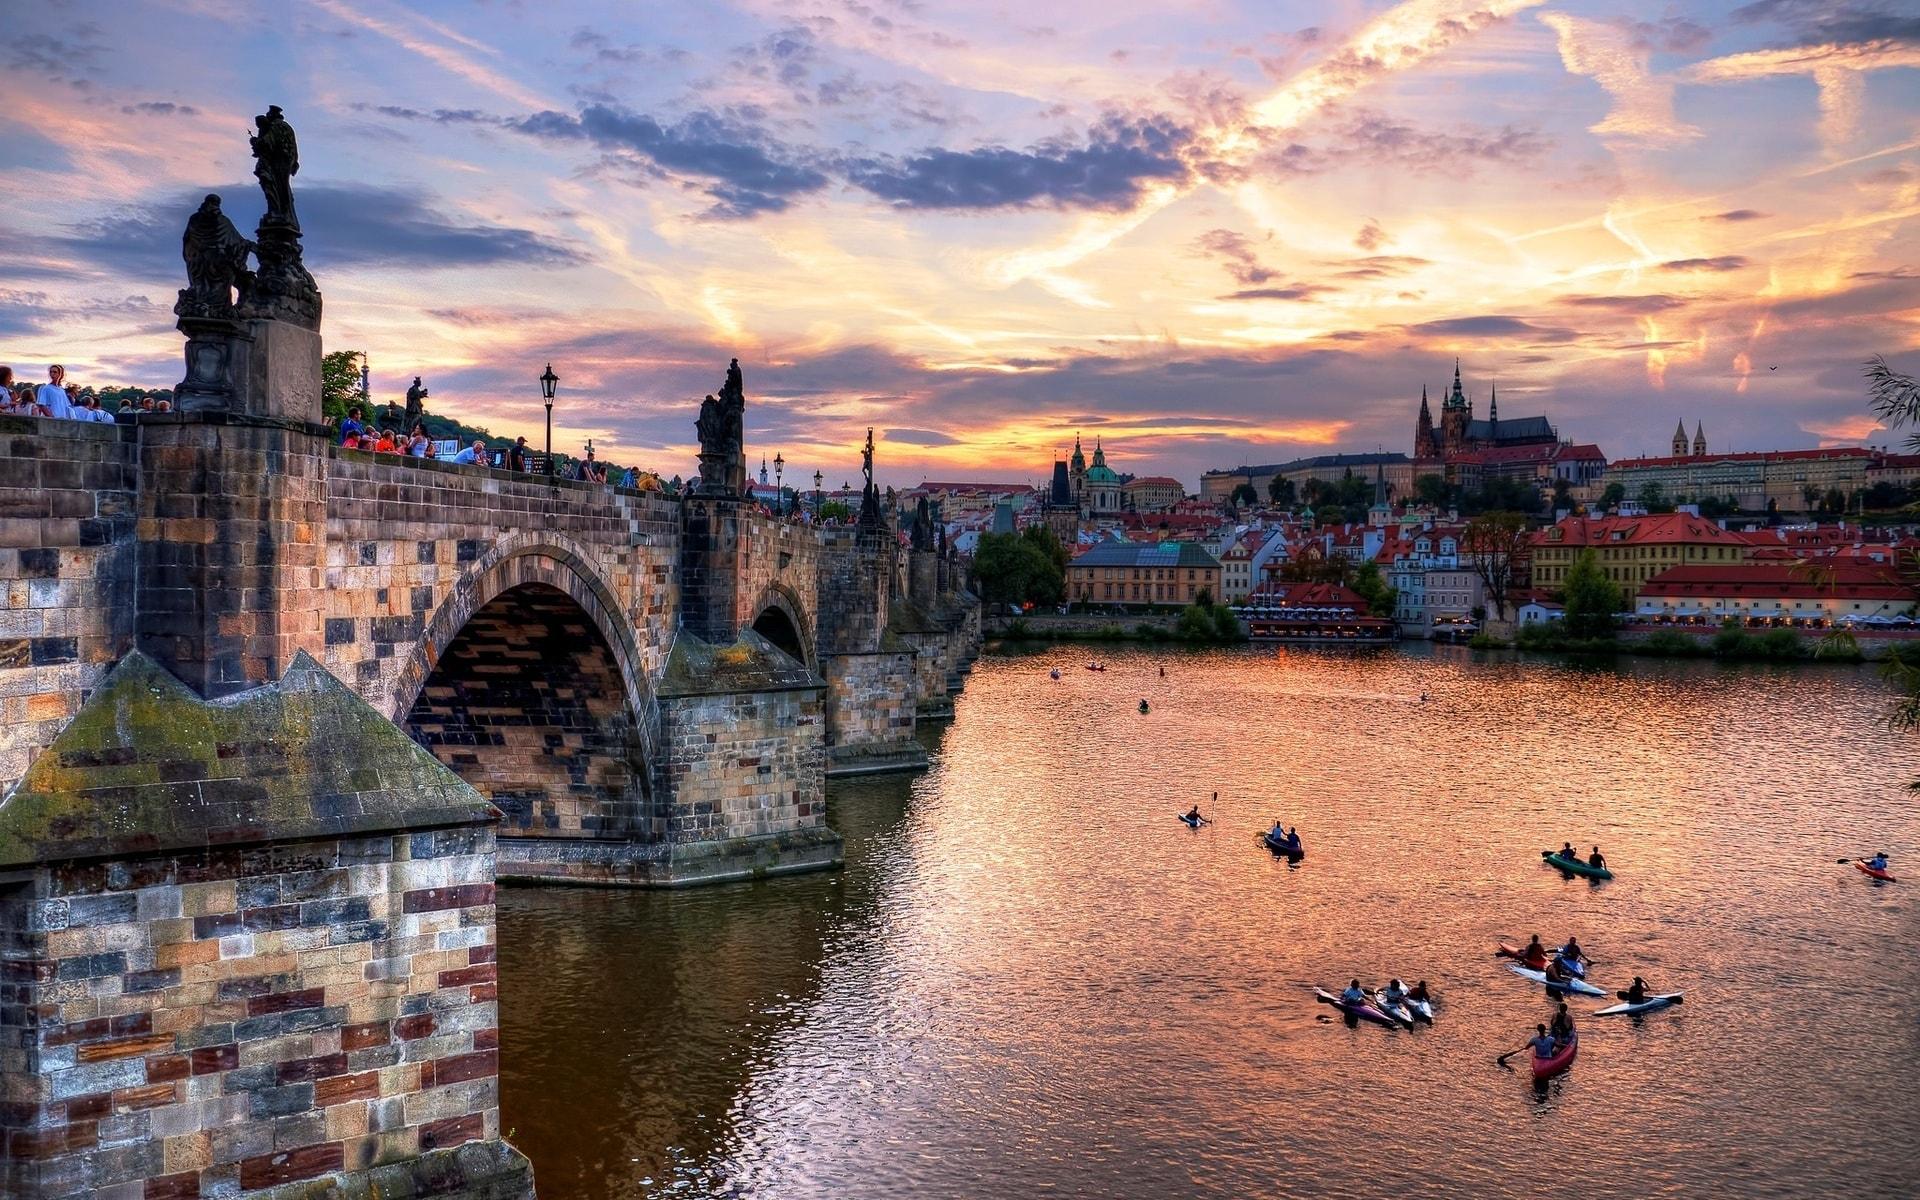 Prague widescreen wallpapers